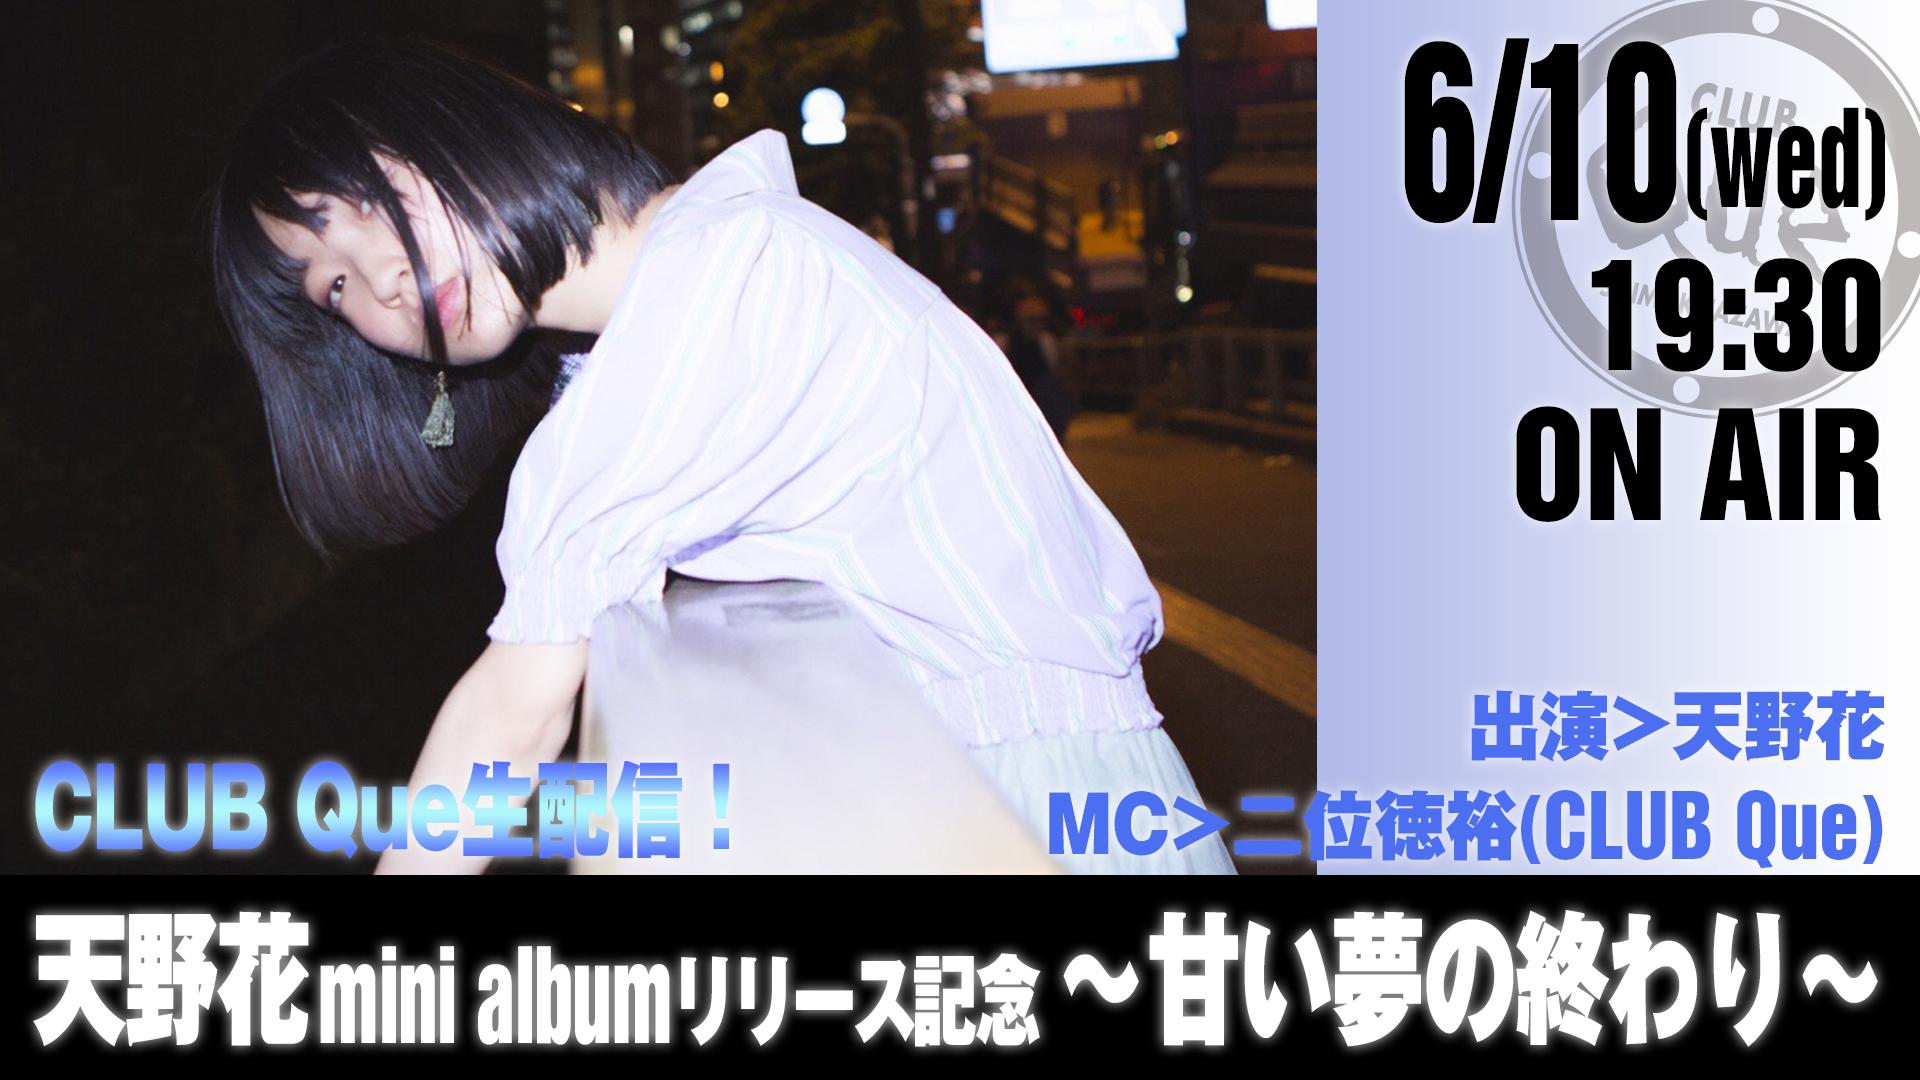 """【6/10配信】 """"CLUB Queから生配信 『天野花mini album リリース記念 ~甘い夢の終わり~』"""""""